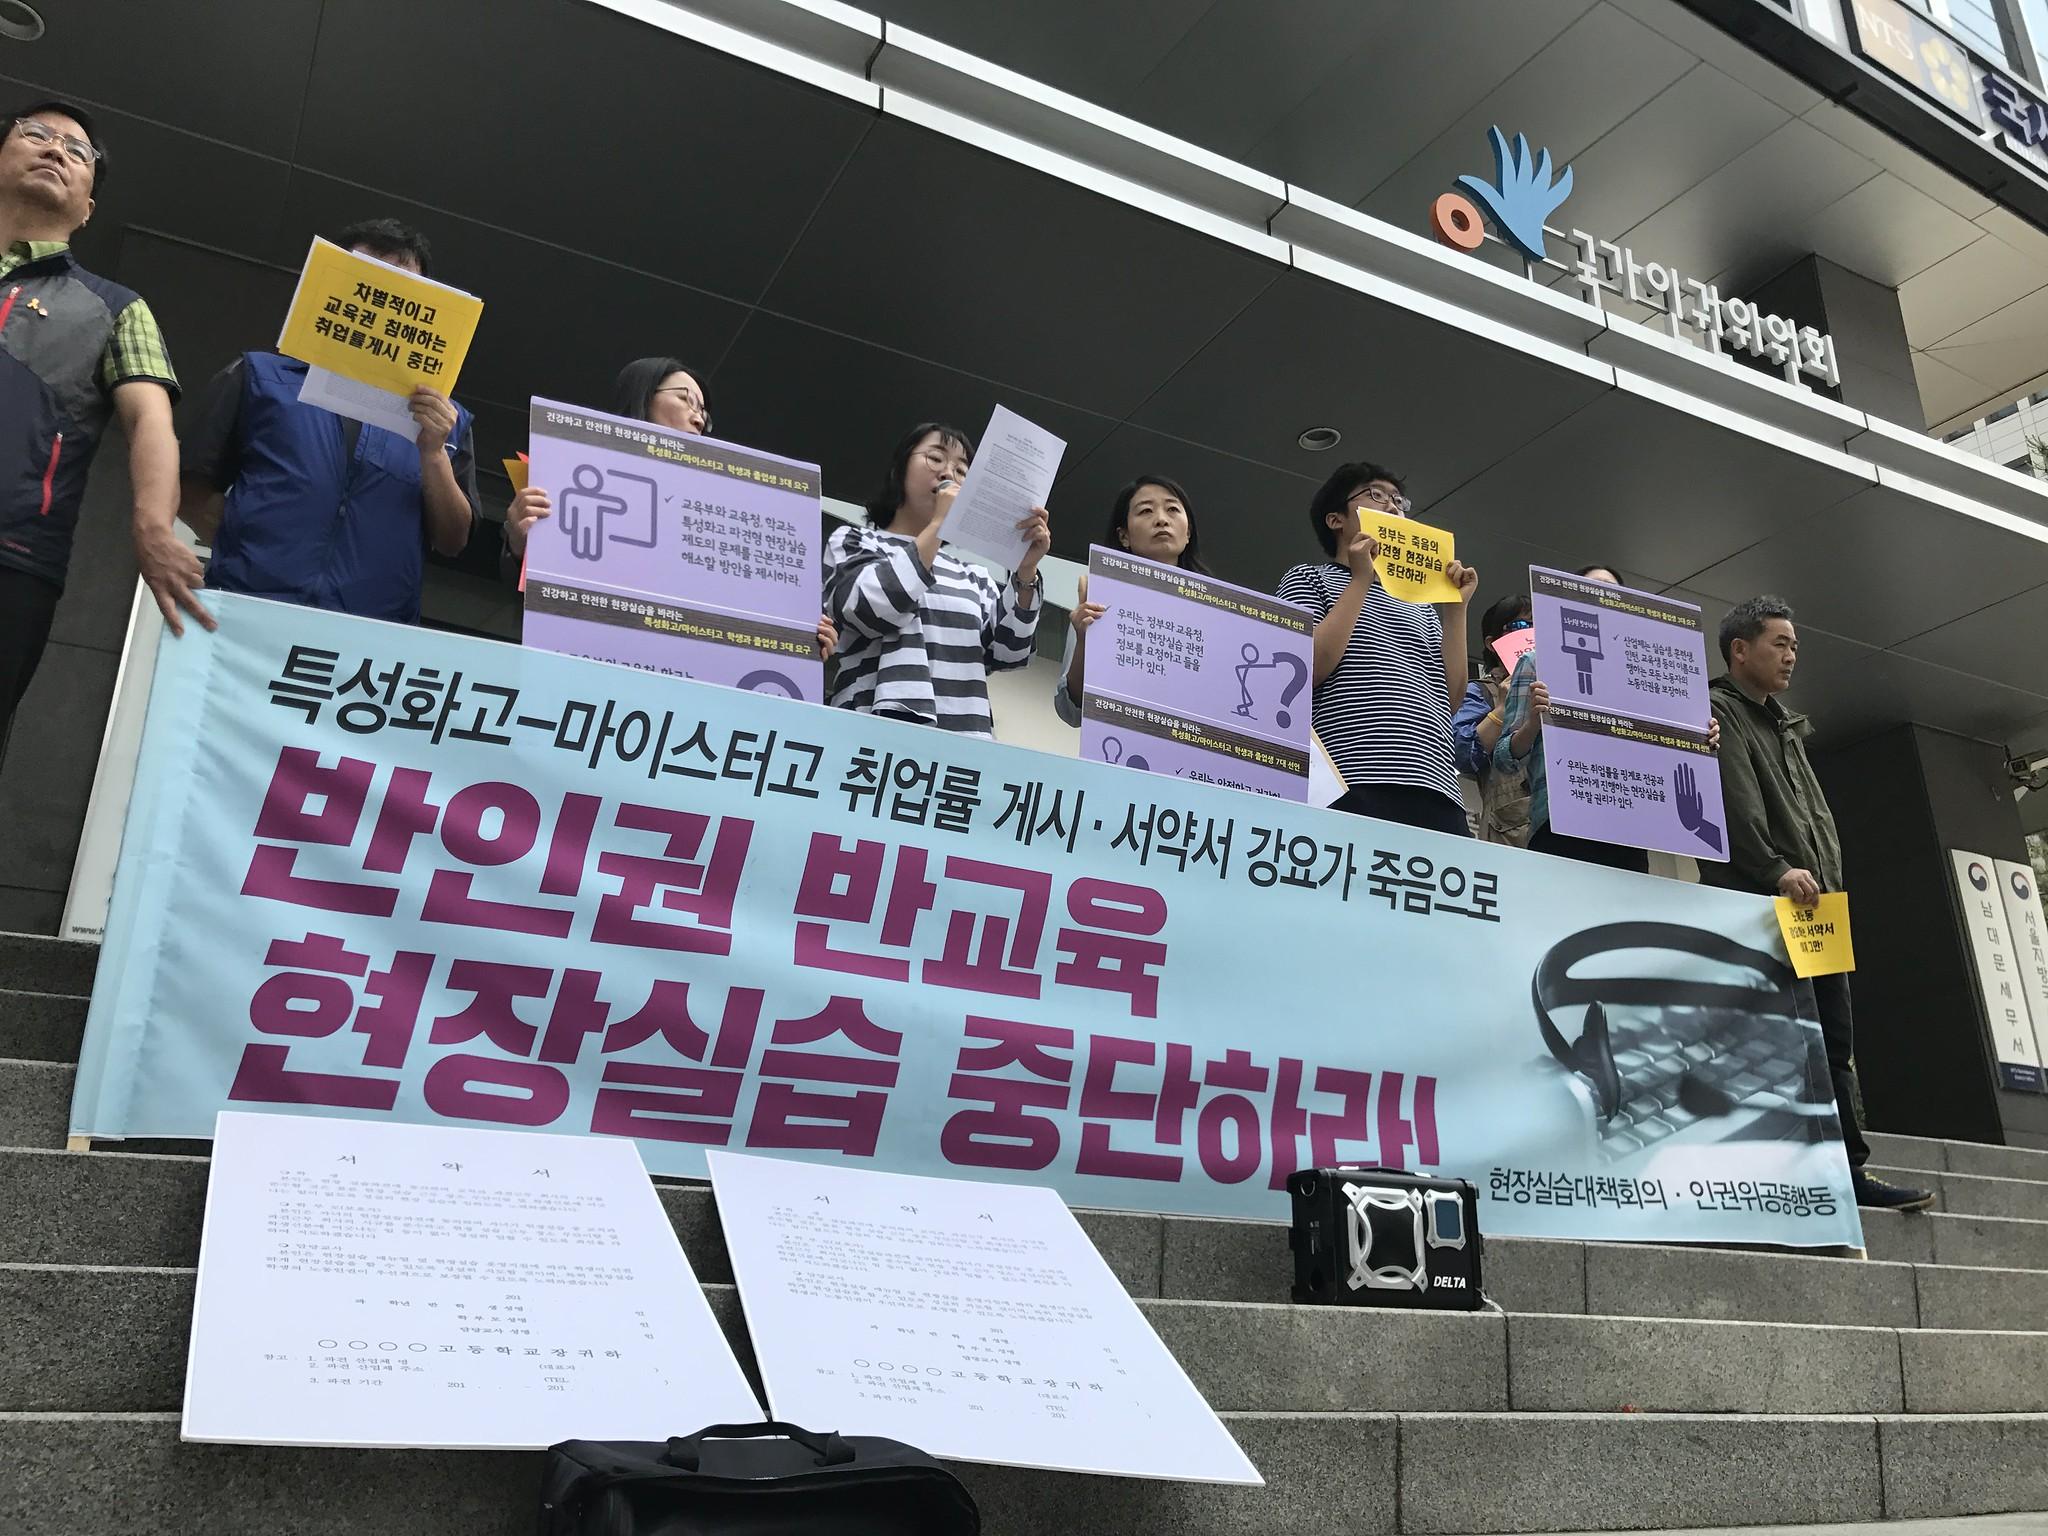 20170523_특성화고・마이스터고 학생 인권침해 국가인권위원회 진정